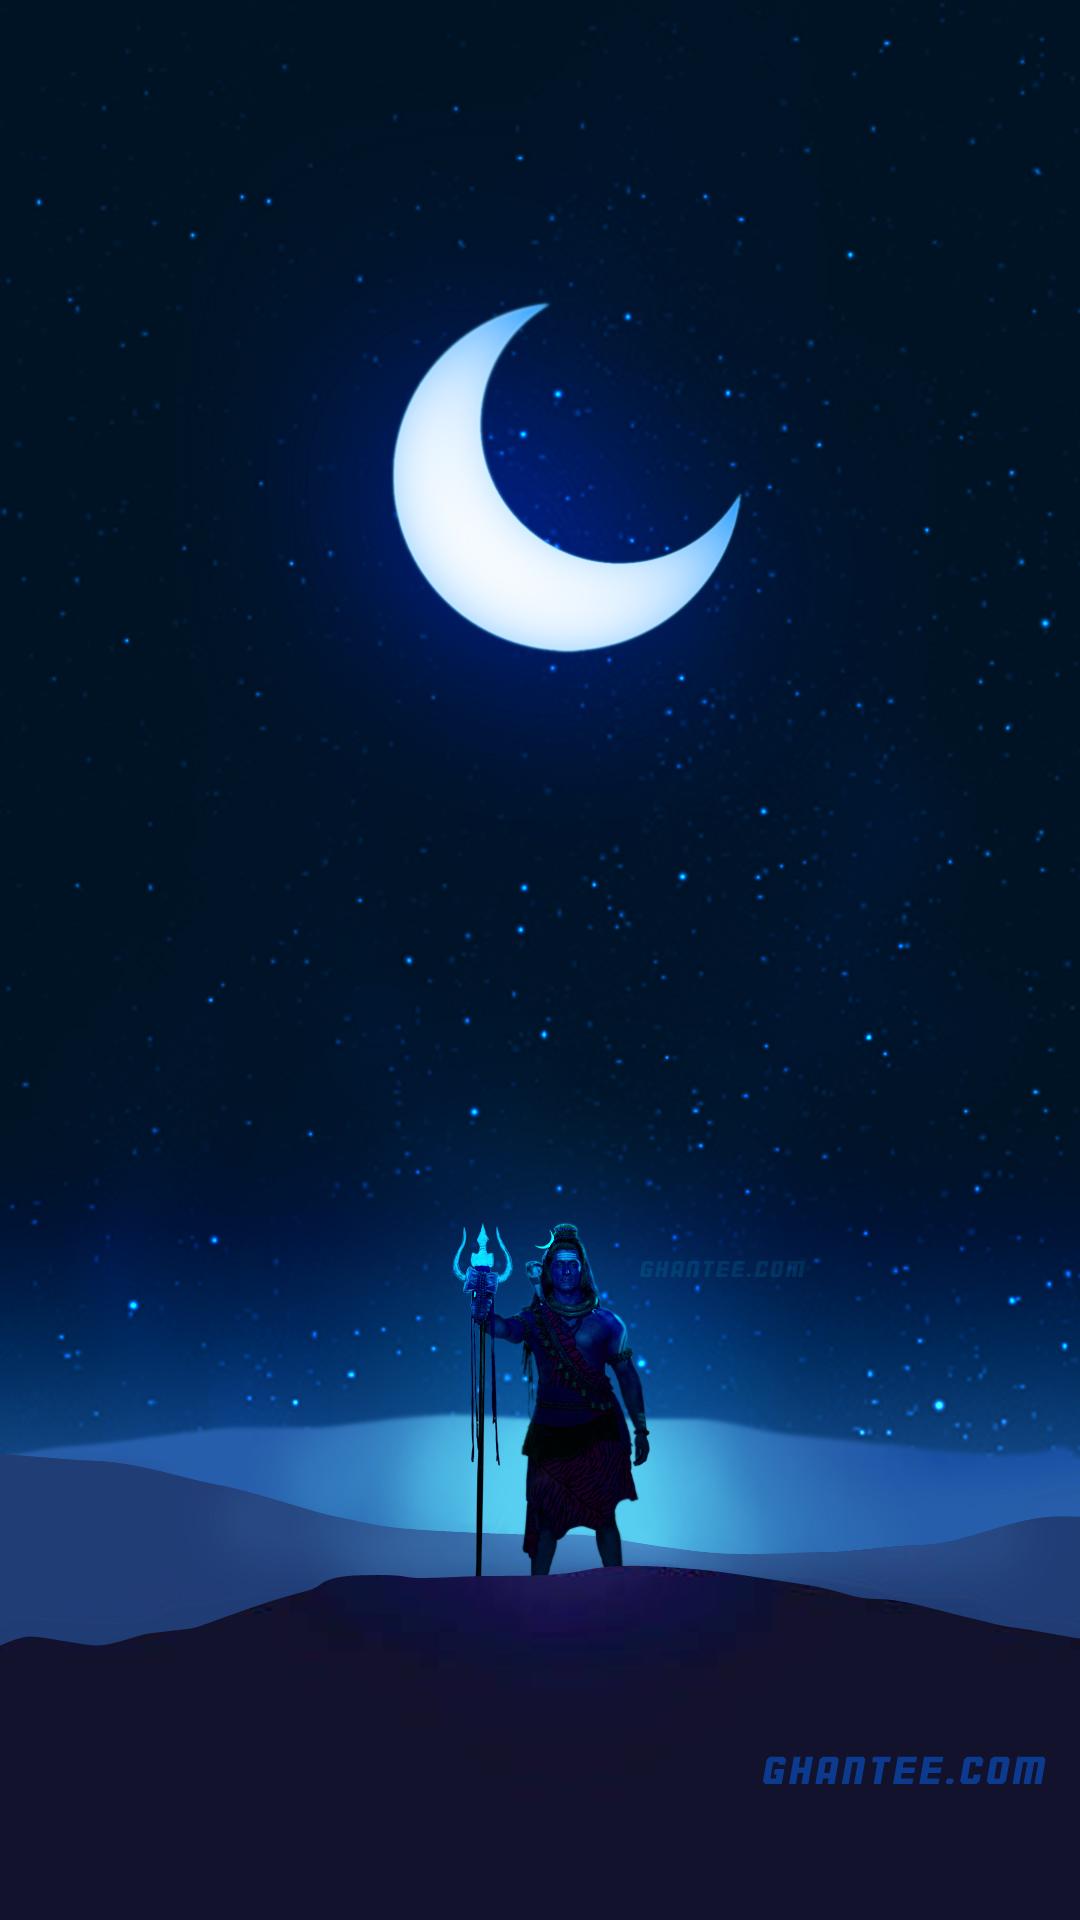 lord shiva mystic night hd phone wallpaper | 20 Dec